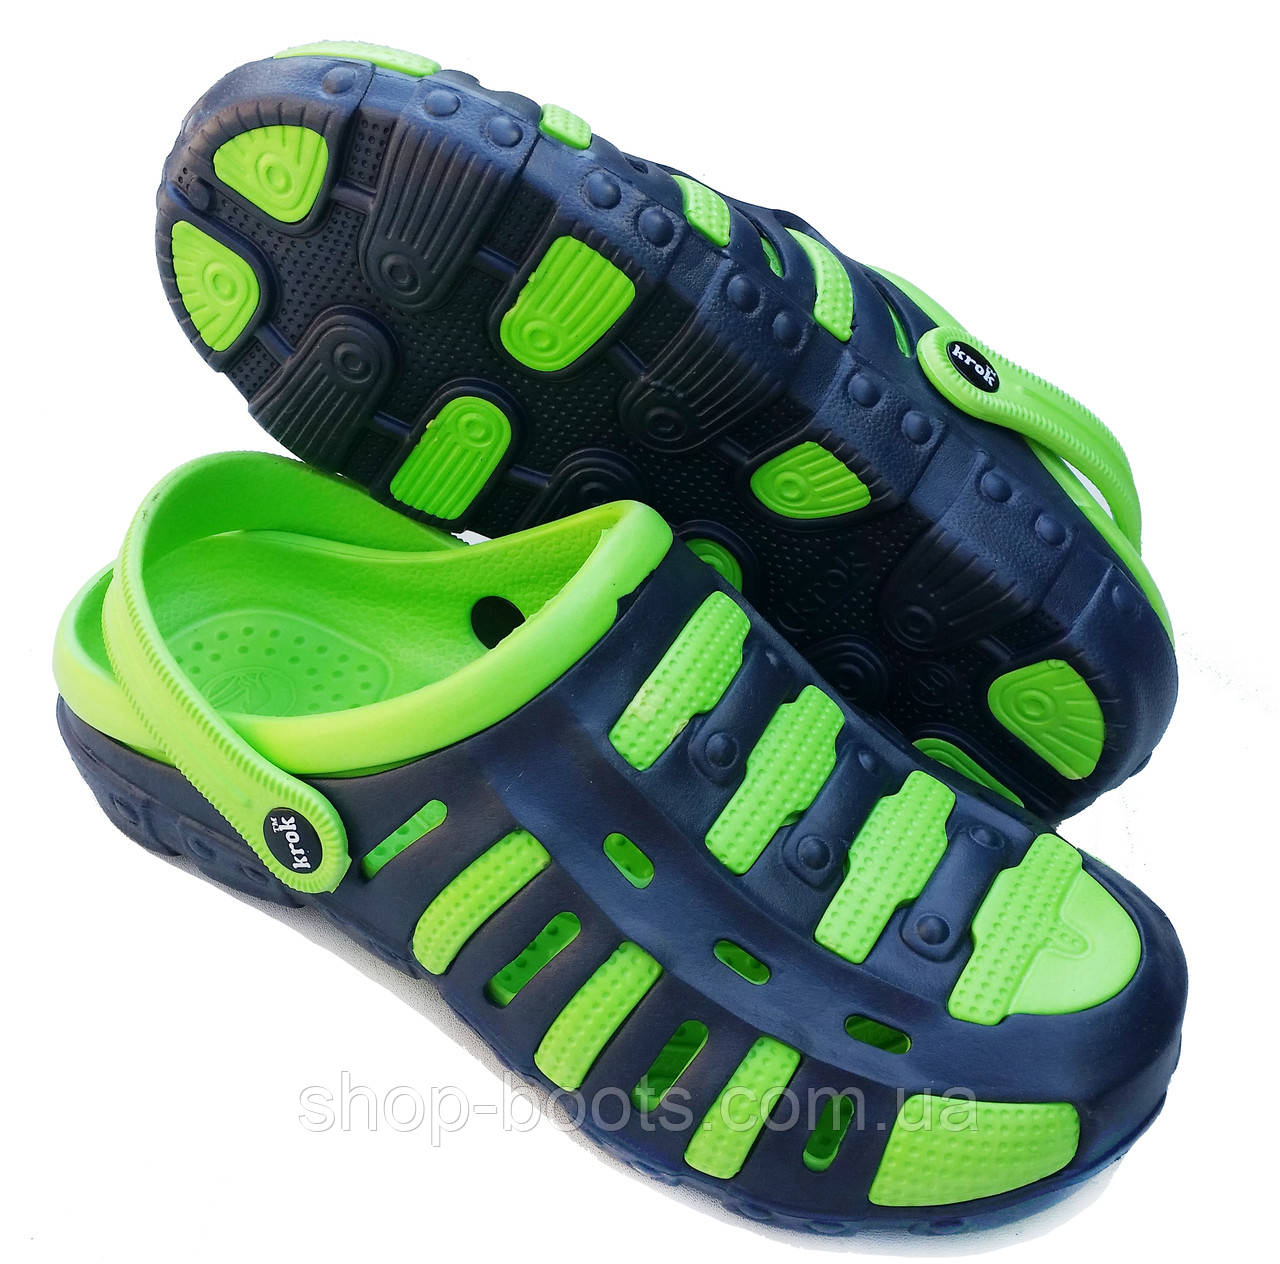 Подростковые кроксы оптом Крок. 36-41рр. Модель крок С57 подросток